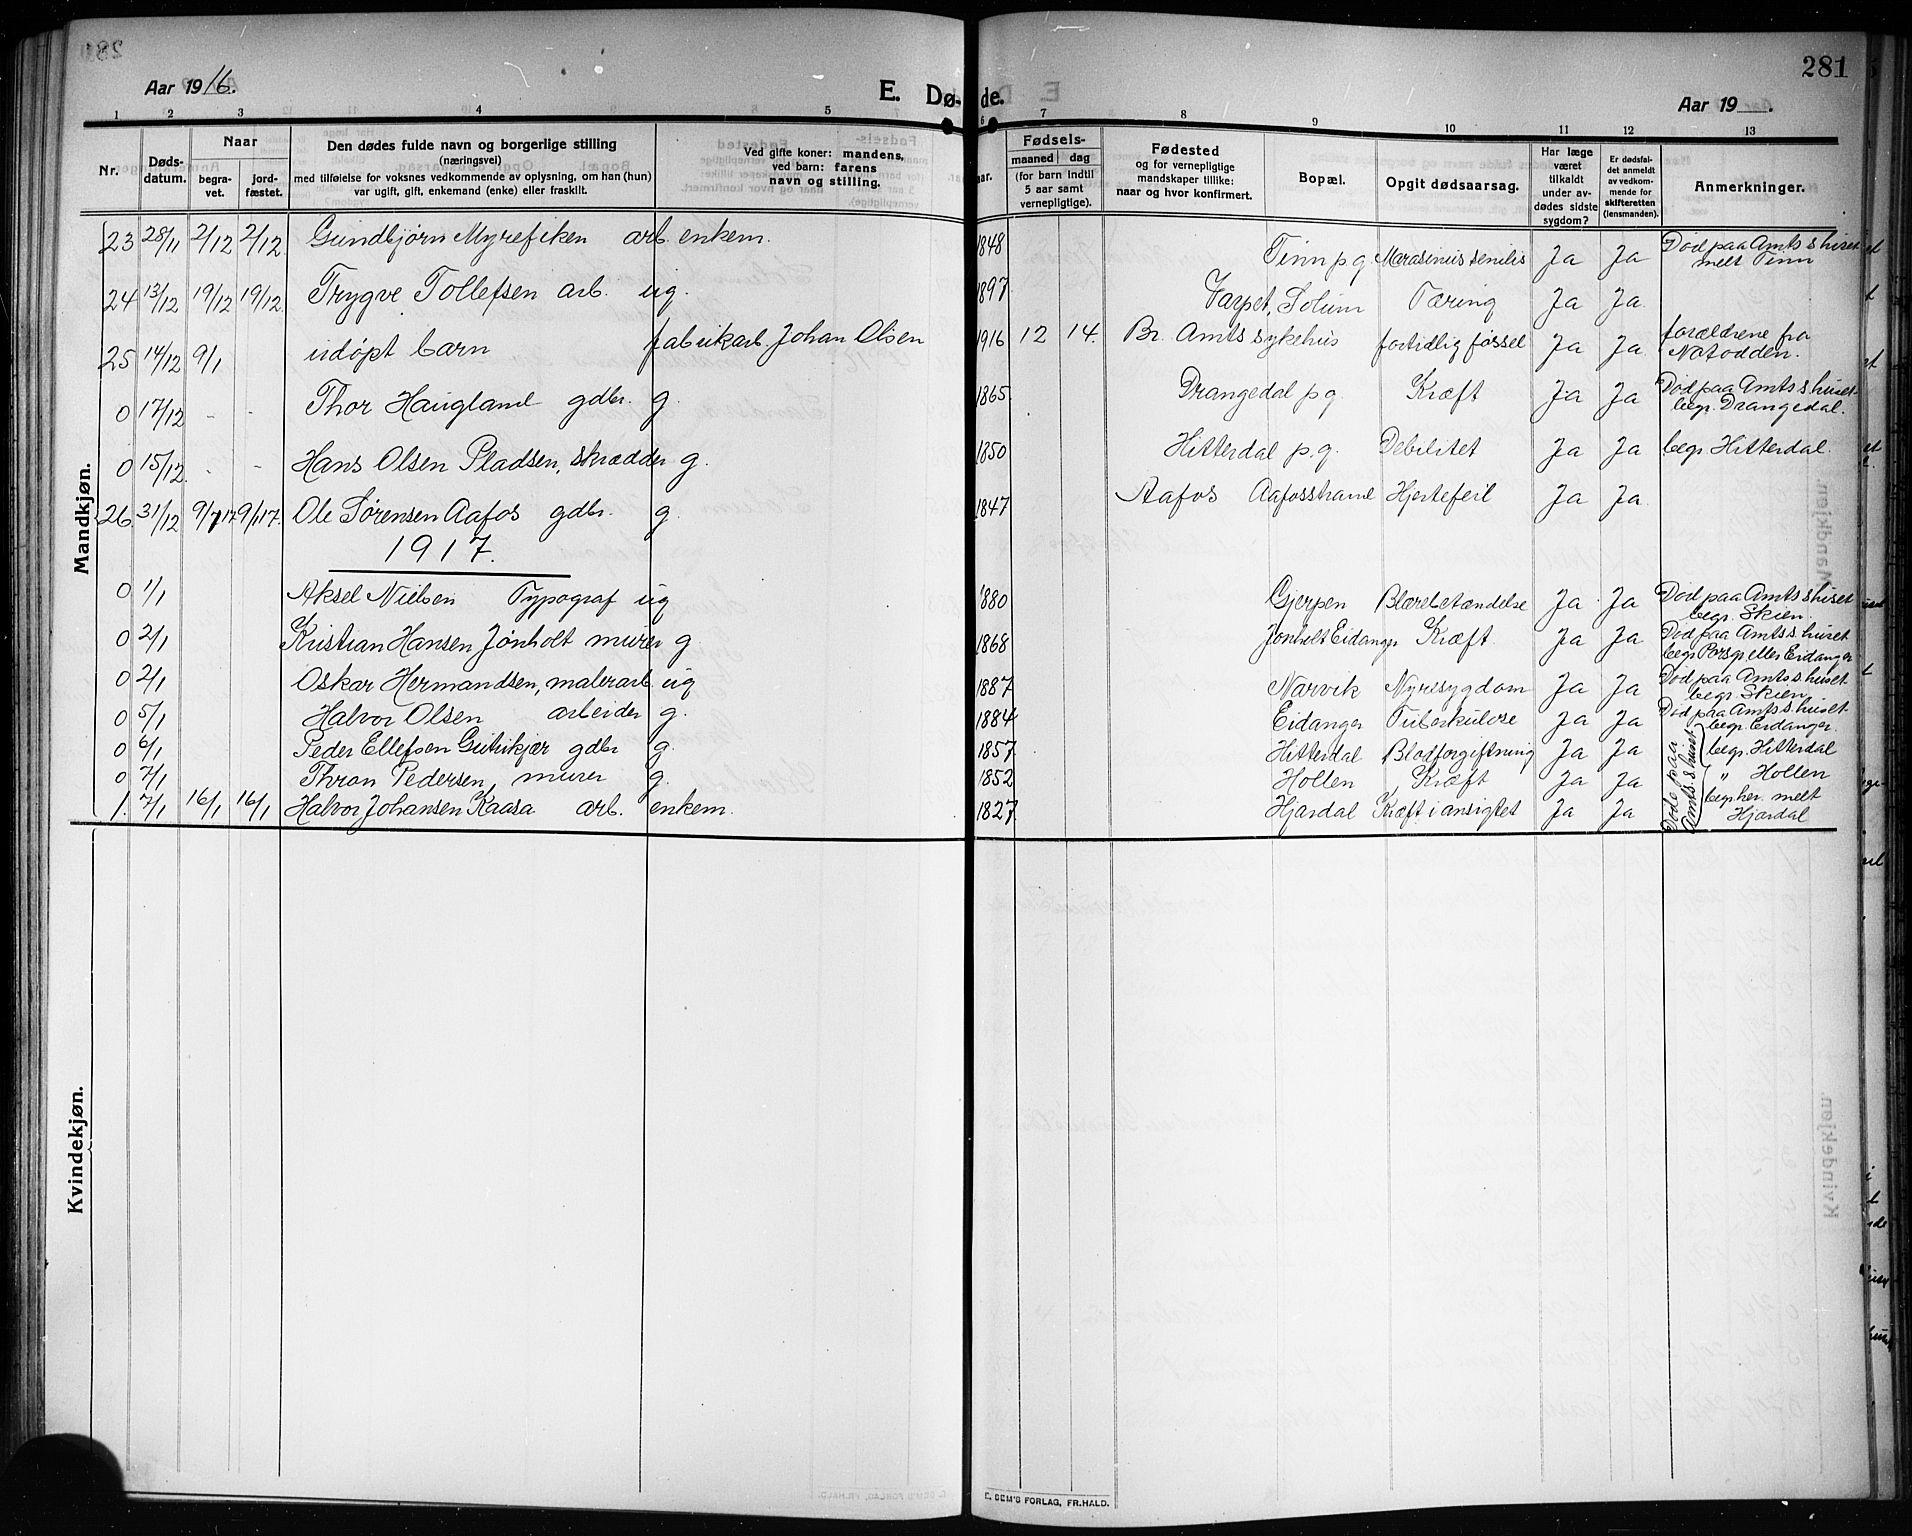 SAKO, Solum kirkebøker, G/Ga/L0009: Klokkerbok nr. I 9, 1909-1922, s. 281